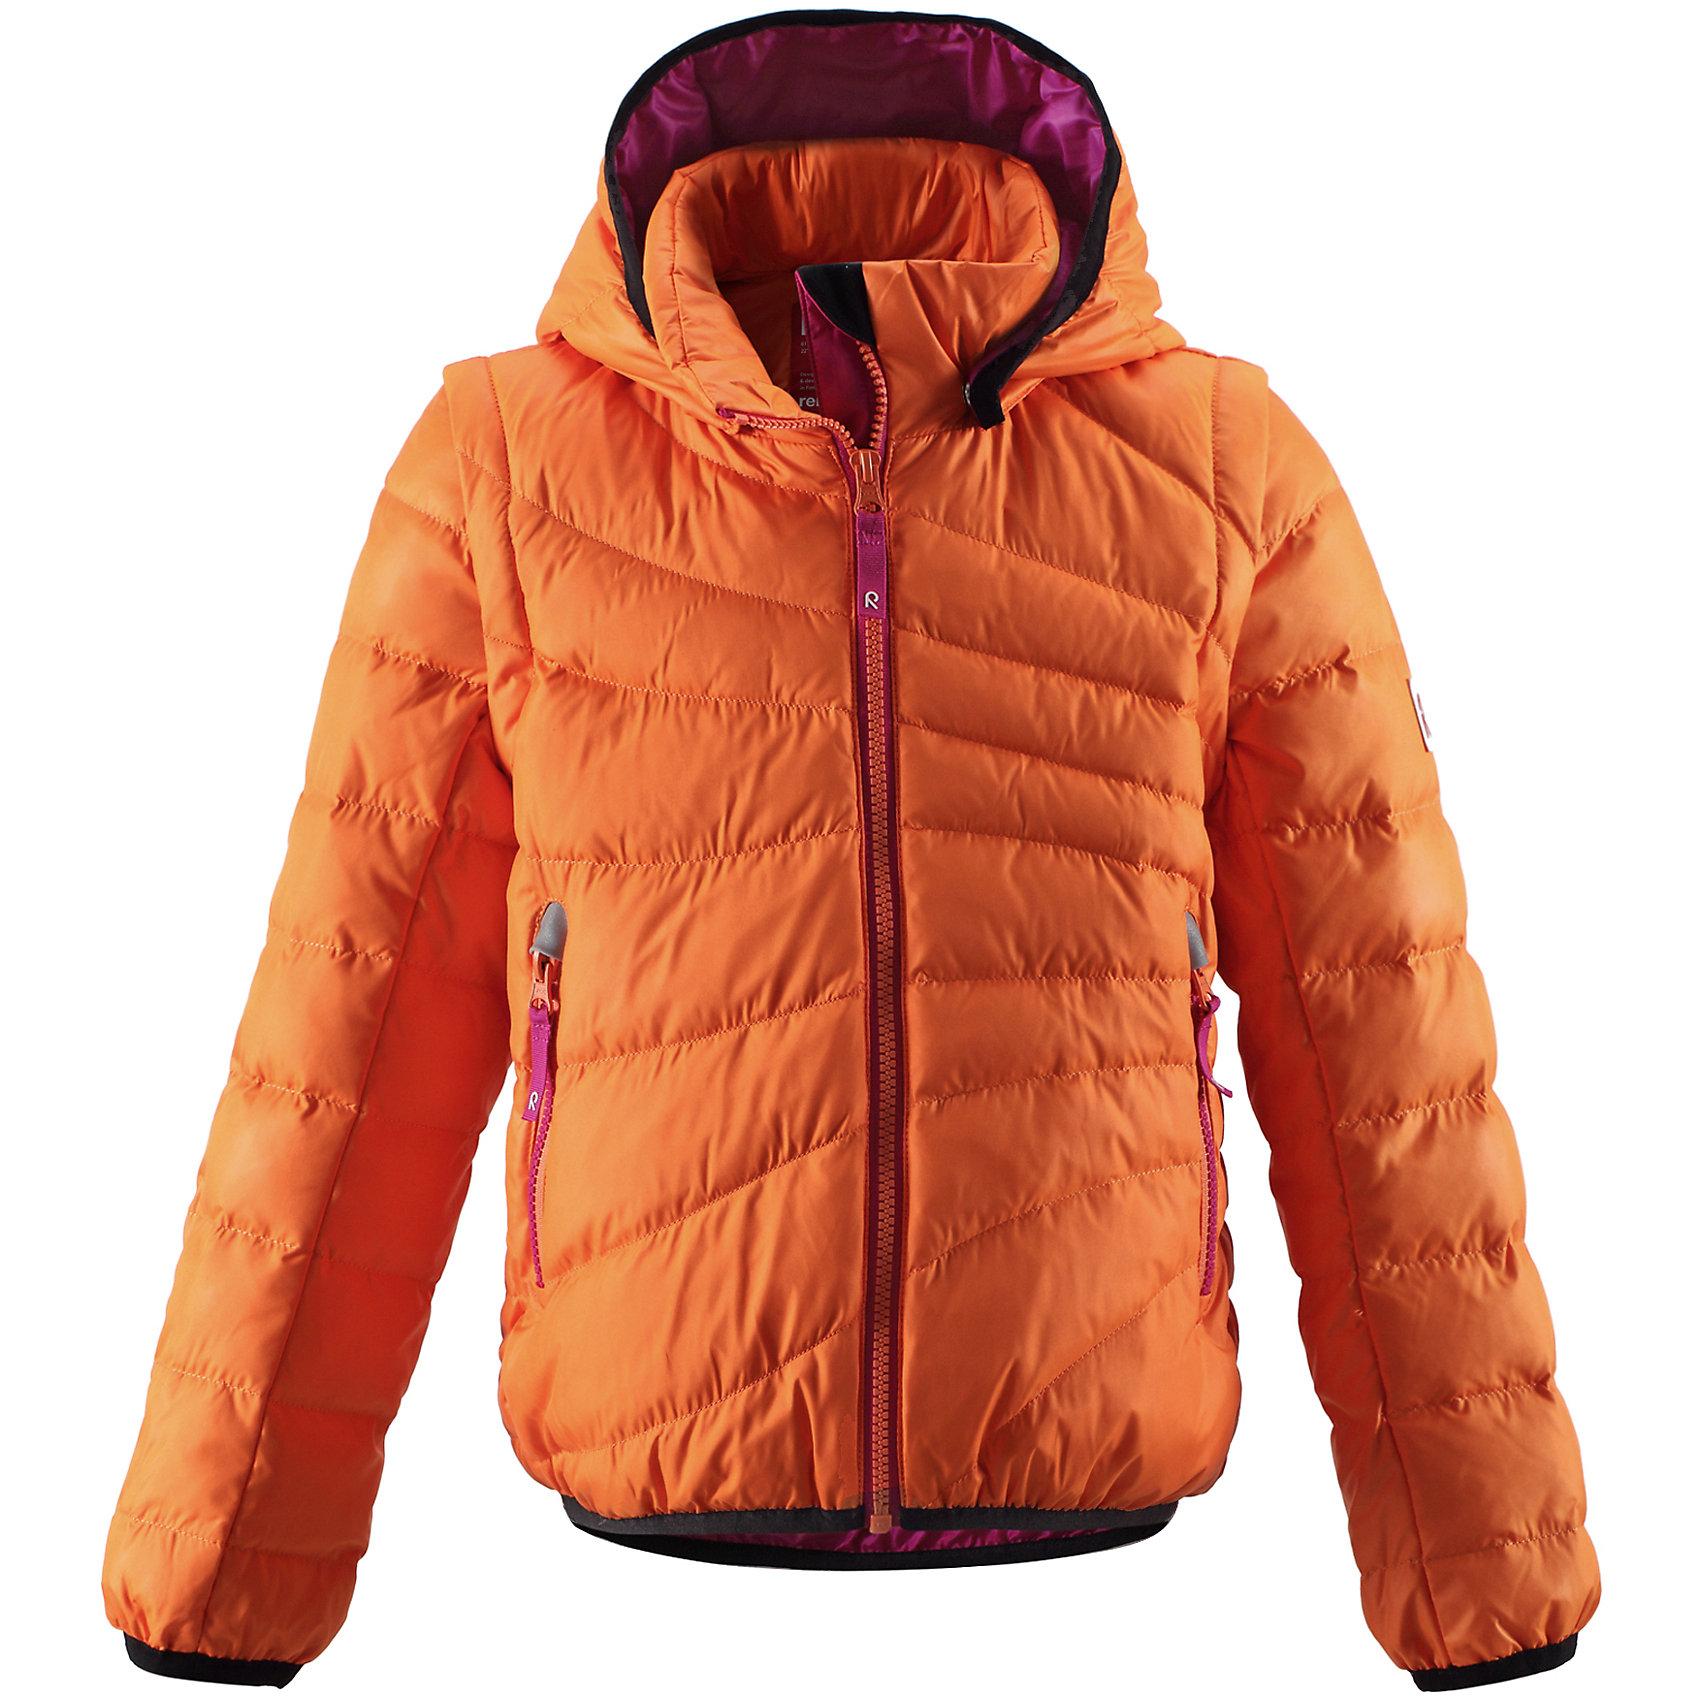 Куртка для девочки ReimaОдежда<br>Куртка от финской марки Reima.<br>*Лёгкий пуховик для девочек-подростков<br>*Безопасный съёмный регулируемый капюшон <br>*Отстёгивающиеся рукава на молниях<br>*Эластичный кант на манжетах рукавов и по нижнему краю пуховика<br>*Молнии контрастного цвета <br>*Два боковых кармана на молниях<br><br>Состав:<br>100% ПЭ<br><br>Ширина мм: 356<br>Глубина мм: 10<br>Высота мм: 245<br>Вес г: 519<br>Цвет: оранжевый<br>Возраст от месяцев: 72<br>Возраст до месяцев: 84<br>Пол: Женский<br>Возраст: Детский<br>Размер: 152,140,134,128,116,104,122,110,146,164,158<br>SKU: 4632094